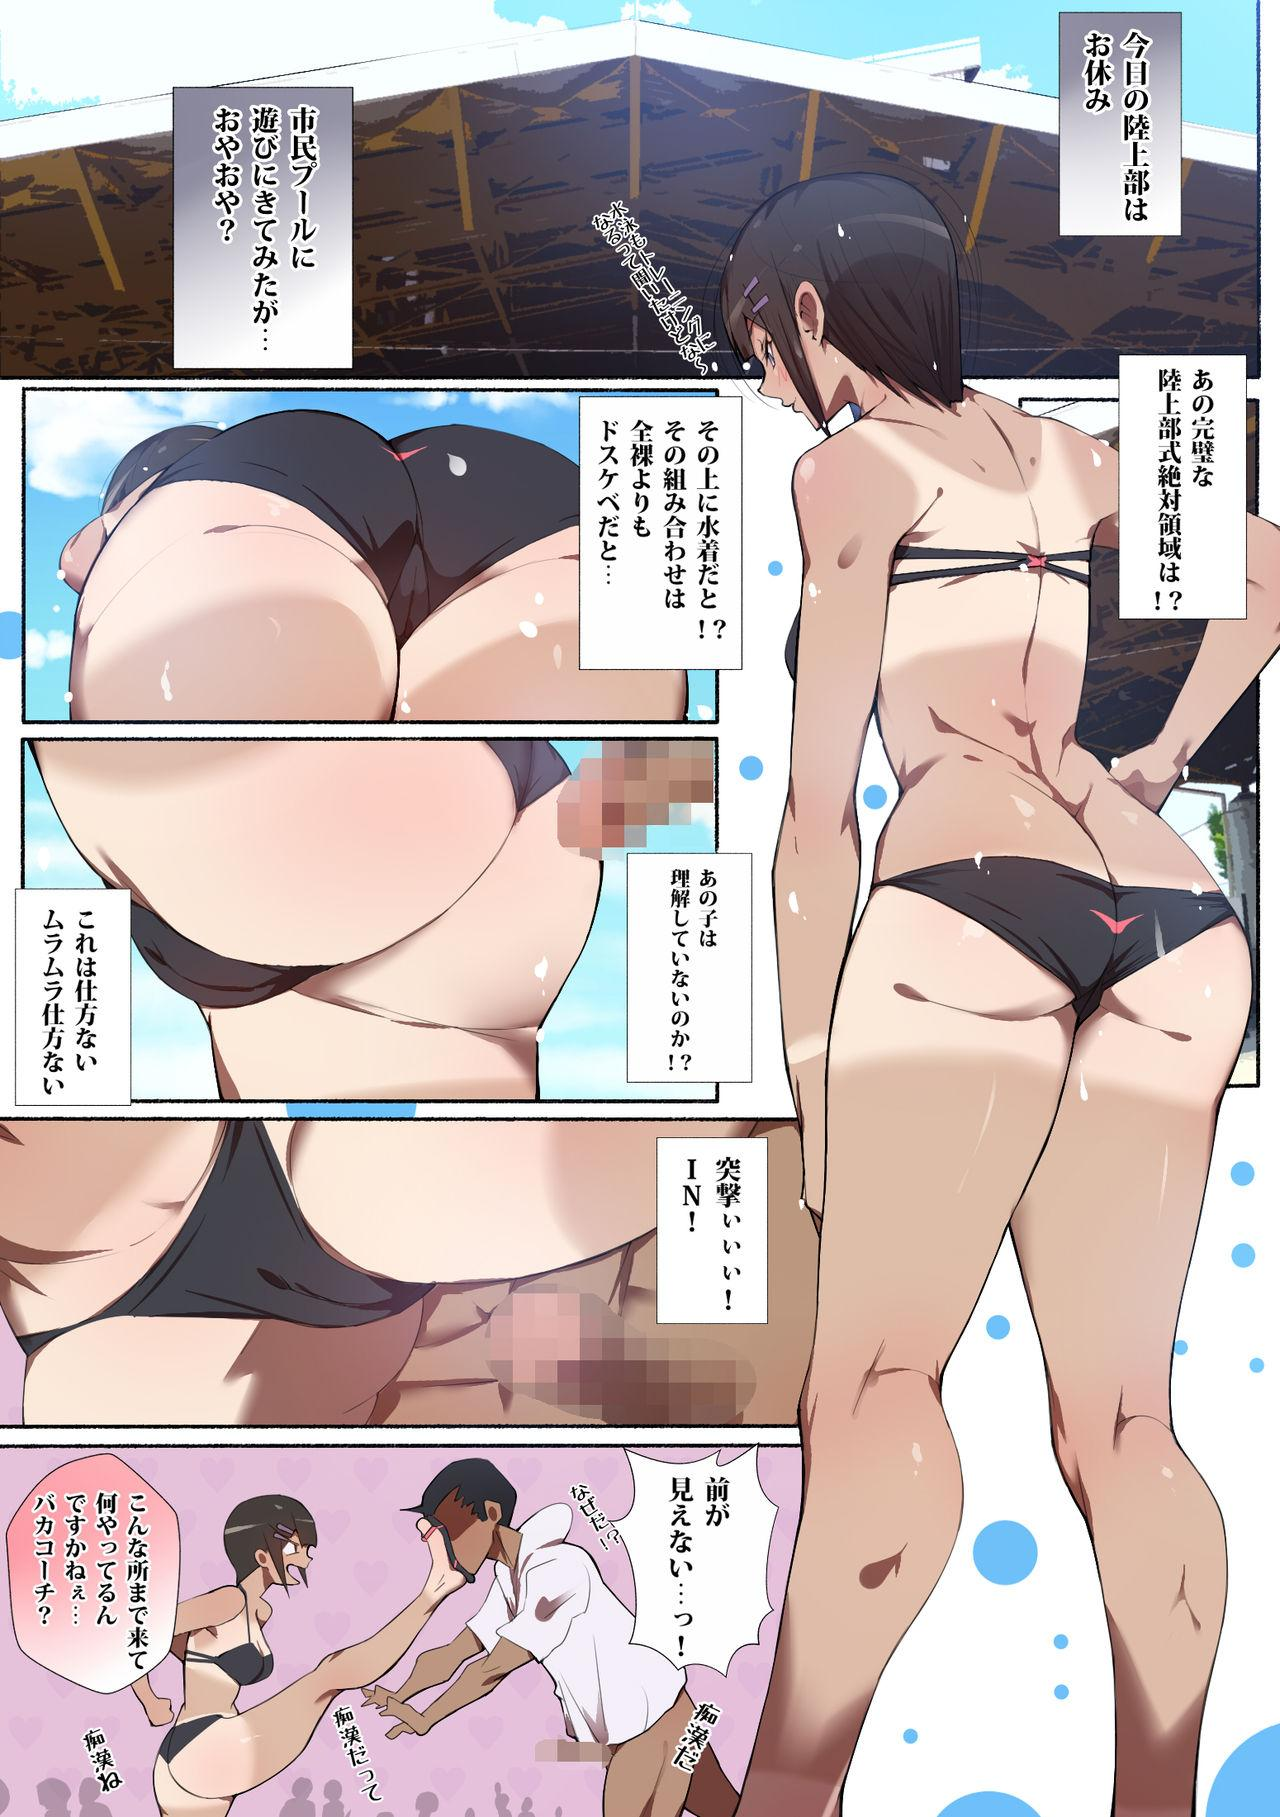 [Aikokusha (Agobitch Nee-san)] Seifuku Bishoujo 2gakki Ee!? Oshiri ni Koishiteru? Cheer Girl-chan to Dosukebe na Onnanoko-tachi dattee? 34